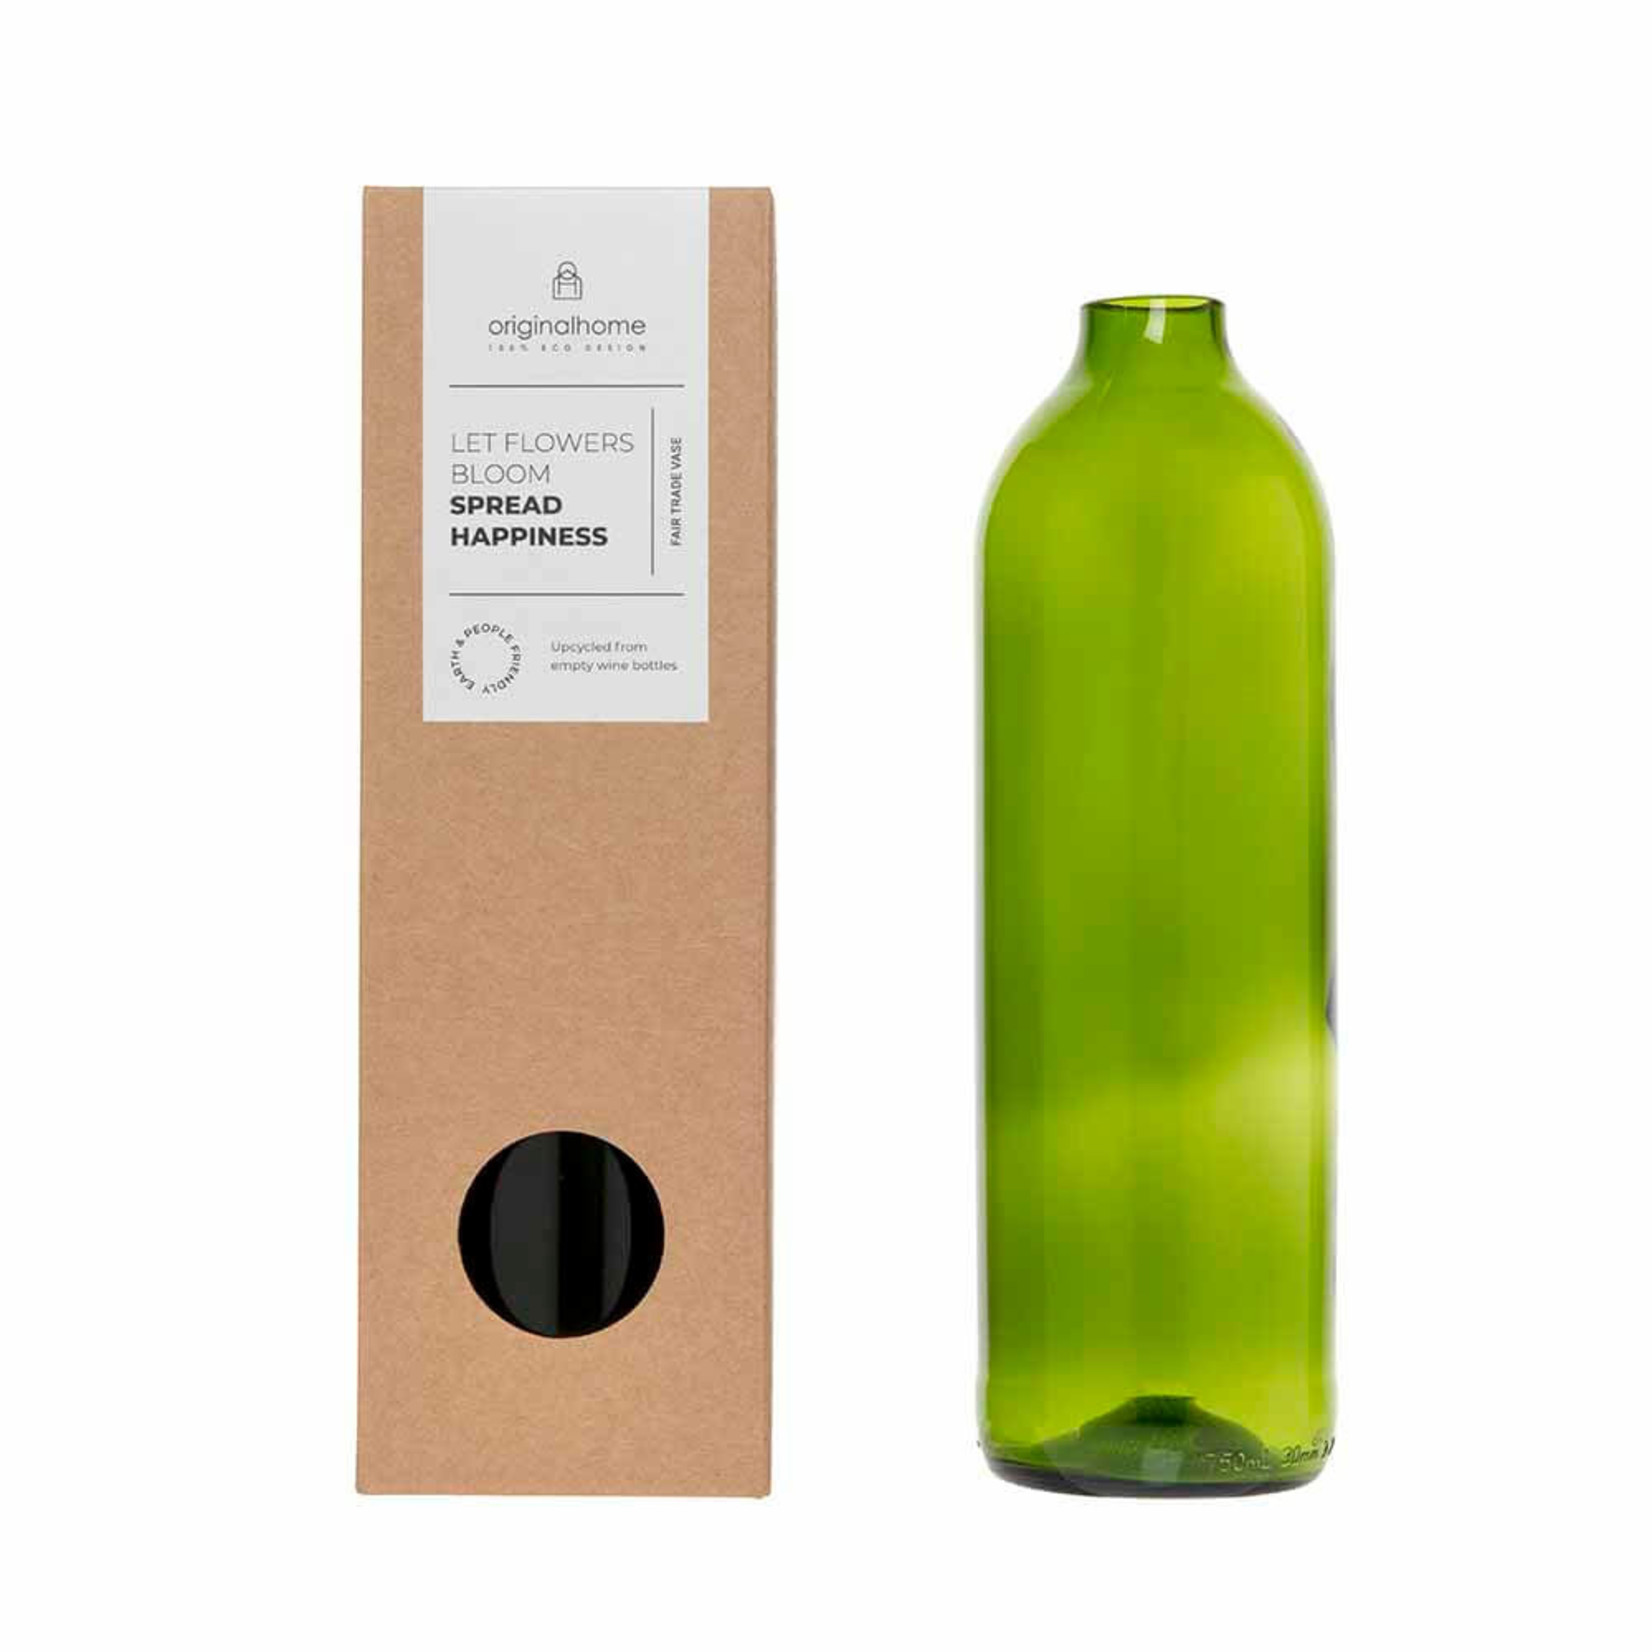 Original Home Bottle Vase - Green